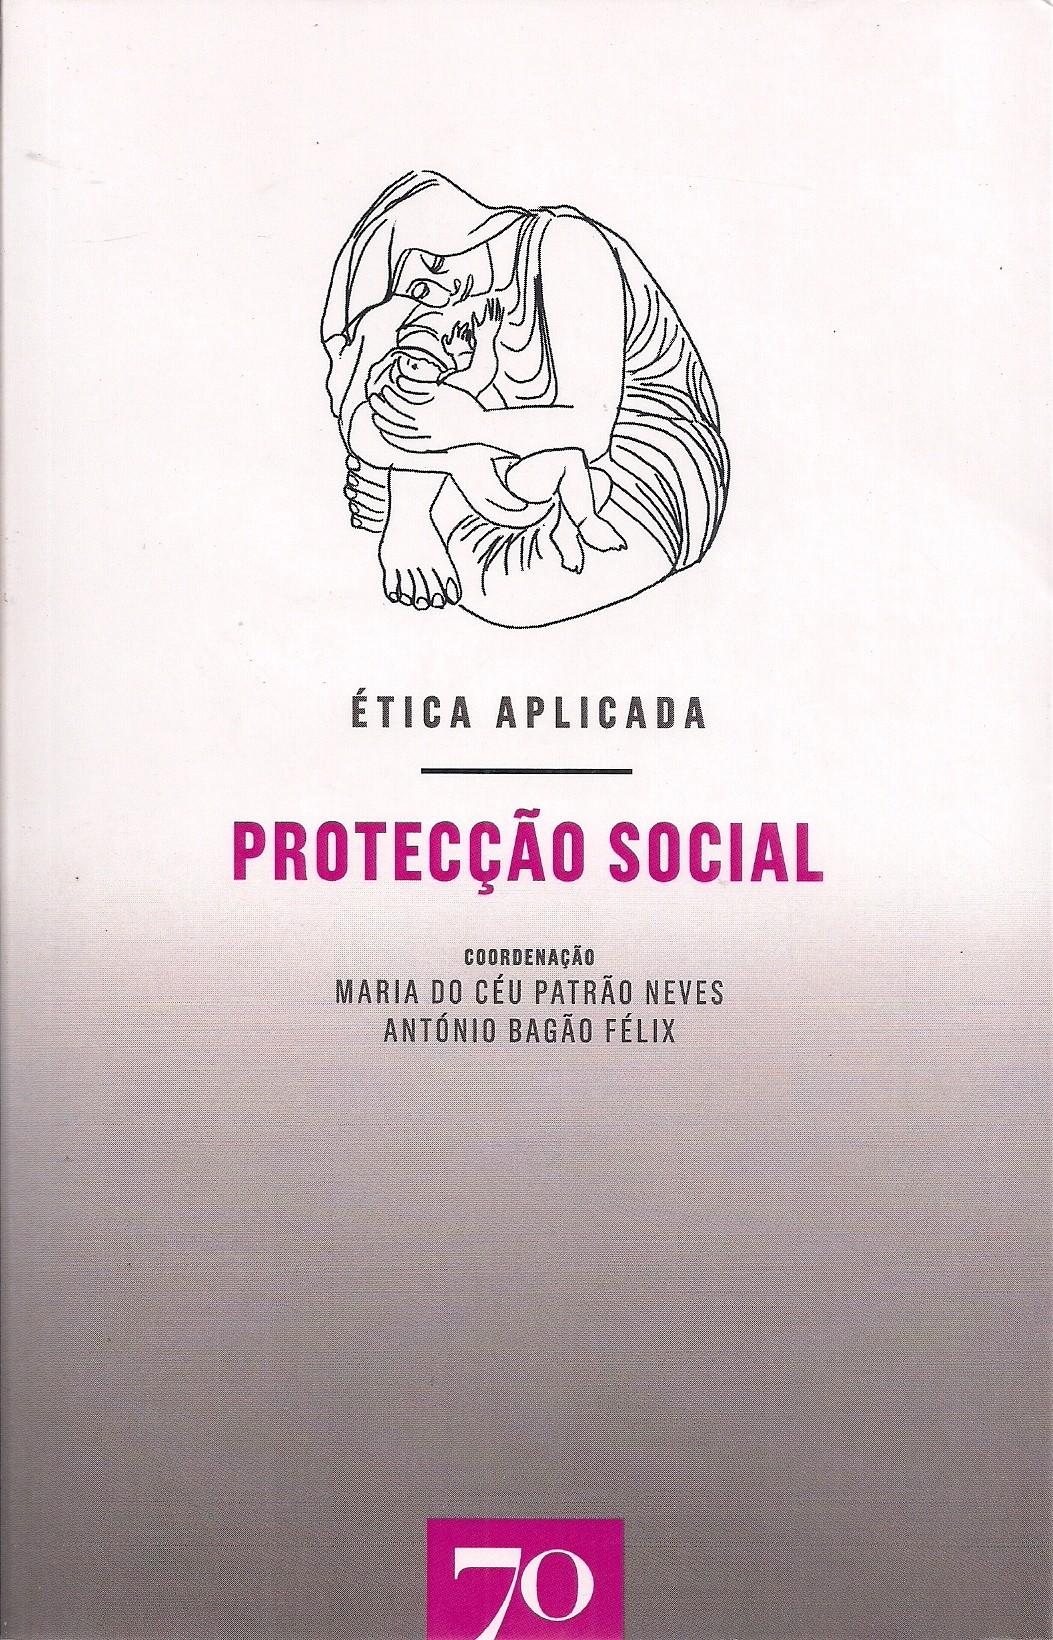 Foto 1 - Ética Aplicada: Protecção Social